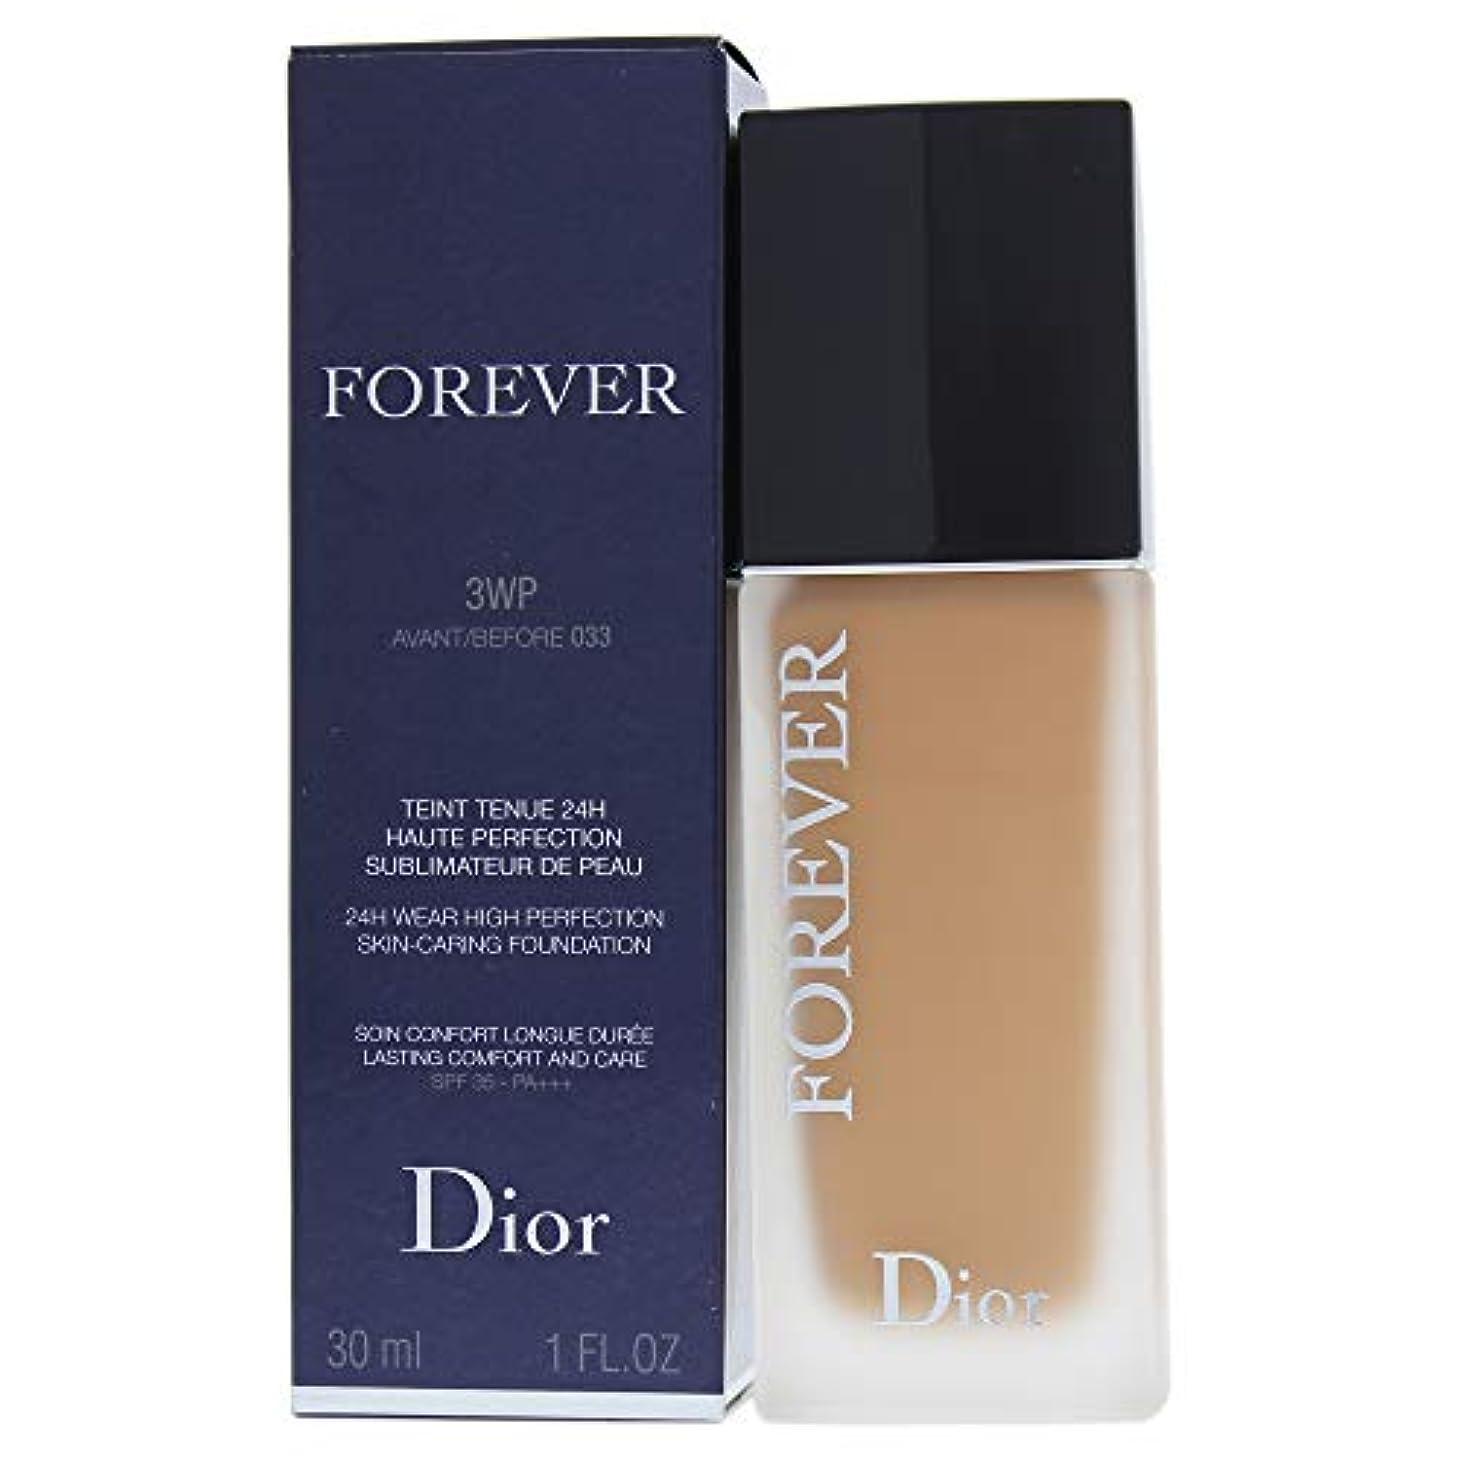 無意識スペアペインクリスチャンディオール Dior Forever 24H Wear High Perfection Foundation SPF 35 - # 3WP (Warm Peach) 30ml/1oz並行輸入品